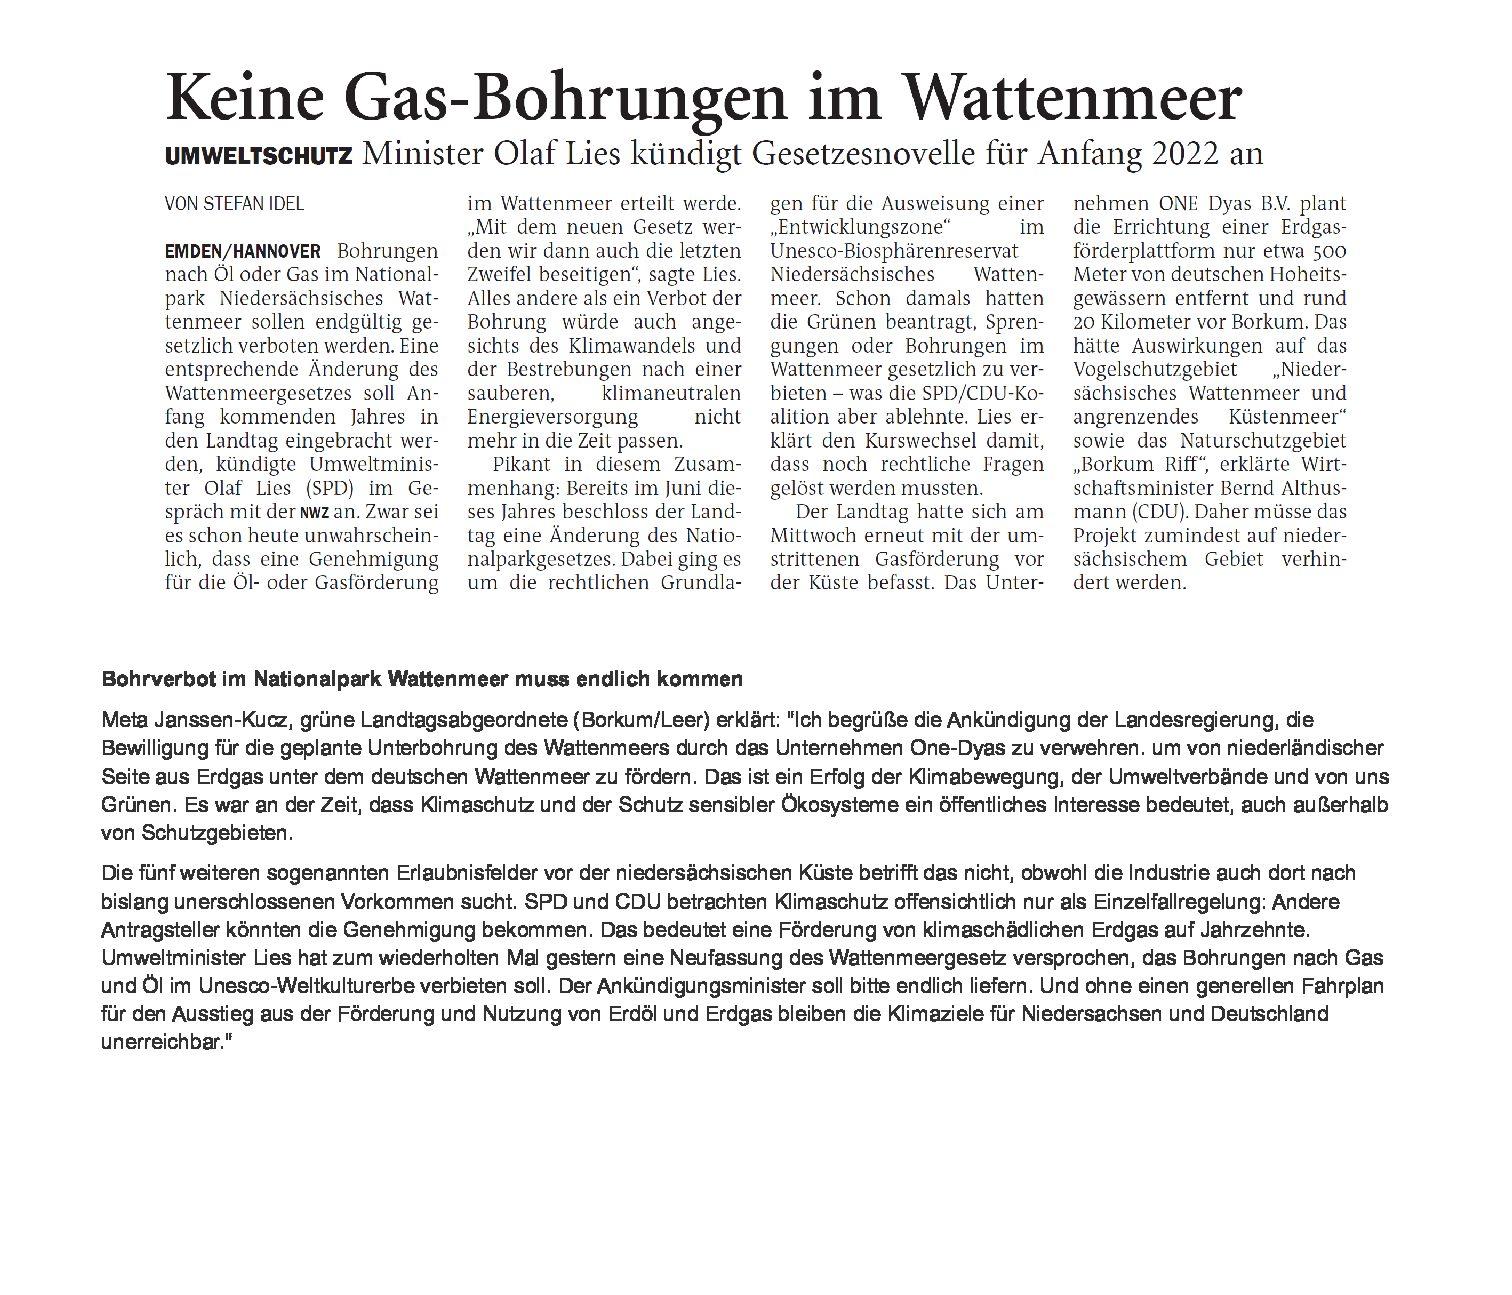 Jeversches Wochenblatt 15.10.2021 mit Kommentar von Meta Janssen-Kuzs (MdL/Bündnis90/Die Grünen)